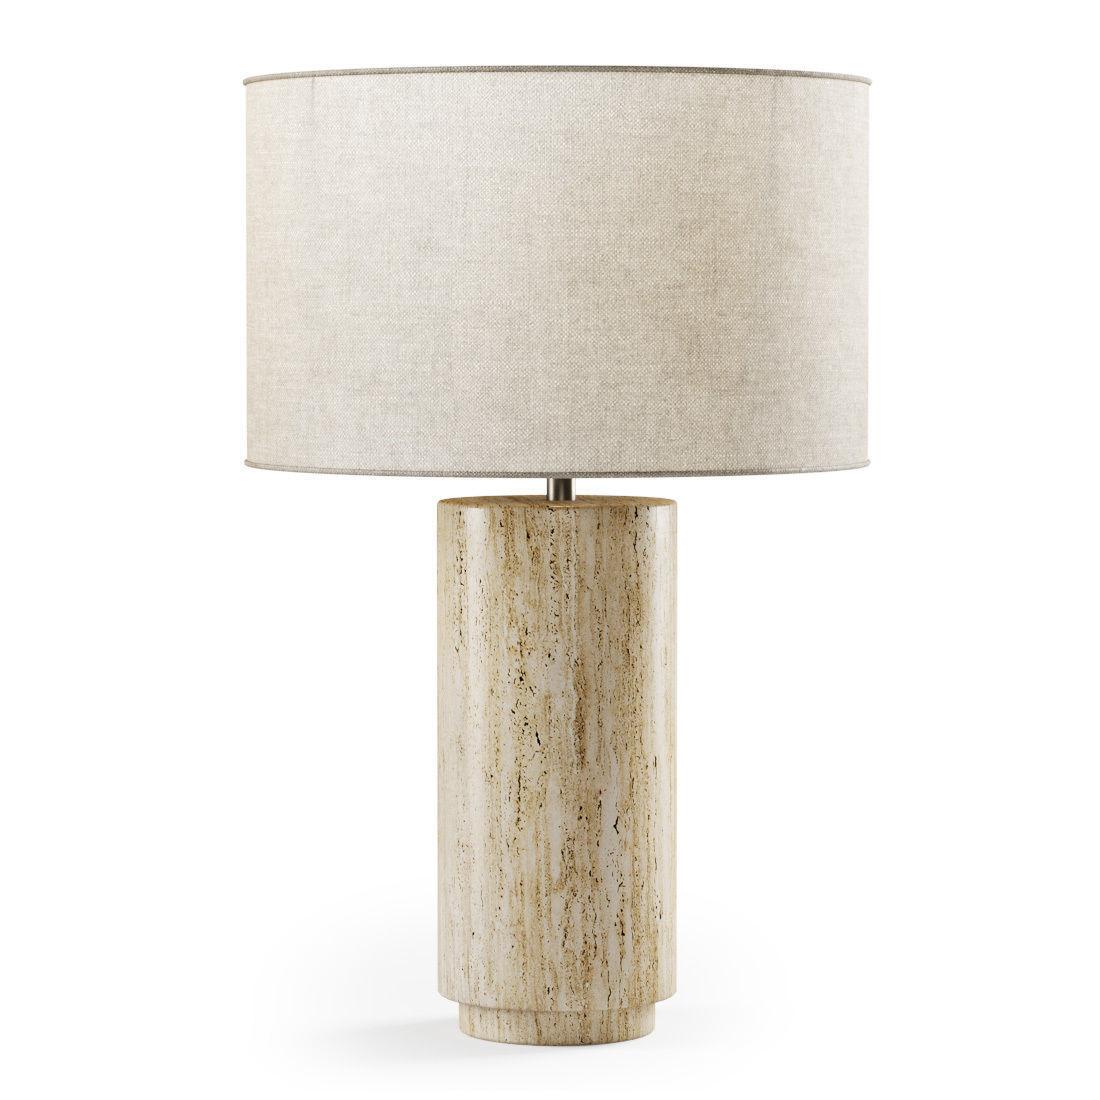 Night vintage table lamp